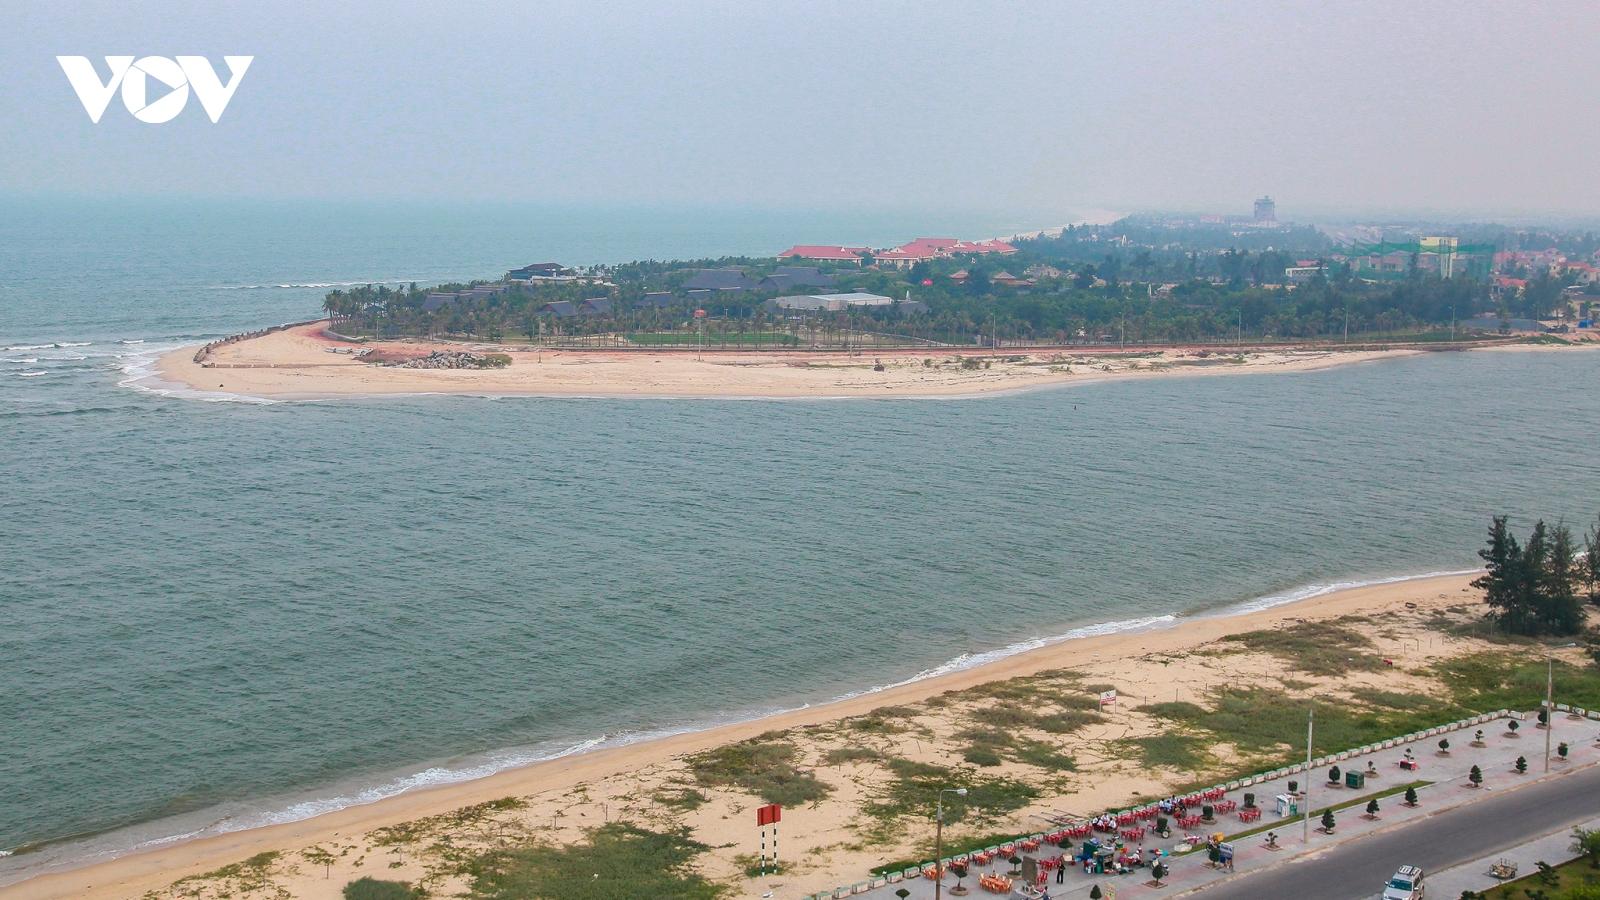 Phố đi bộ tạo điểm nhấn du lịch về đêm tại Đồng Hới, Quảng Bình